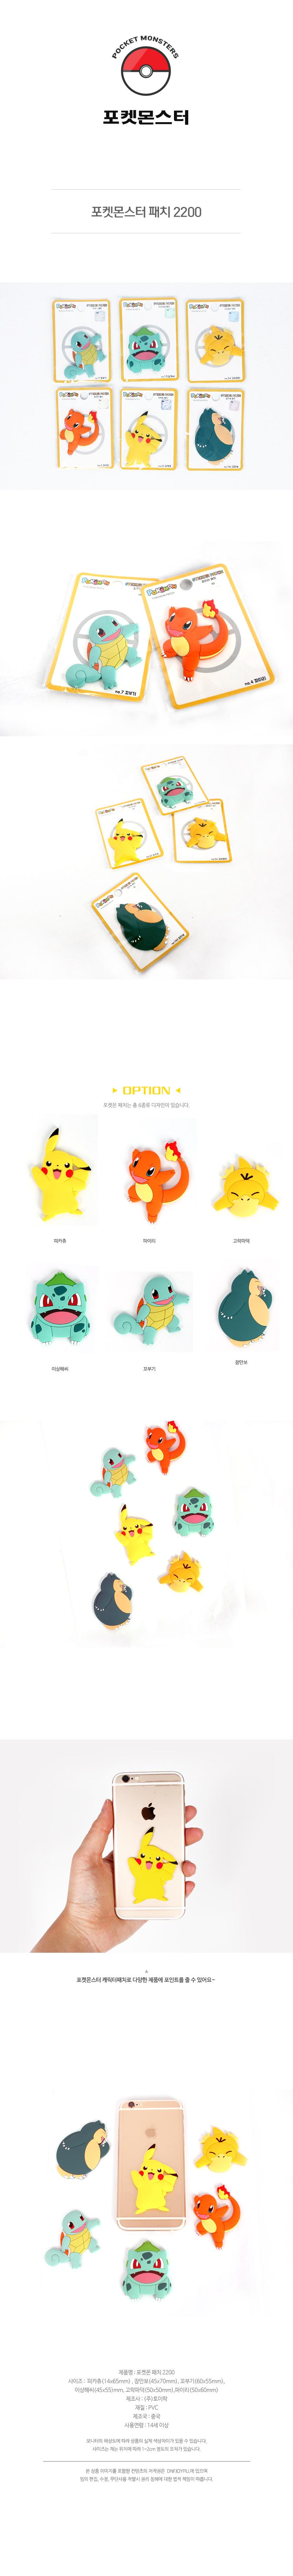 2200 포켓몬스터 캐릭터 패치 - 조이필, 2,200원, 스티커, 캐릭터스티커